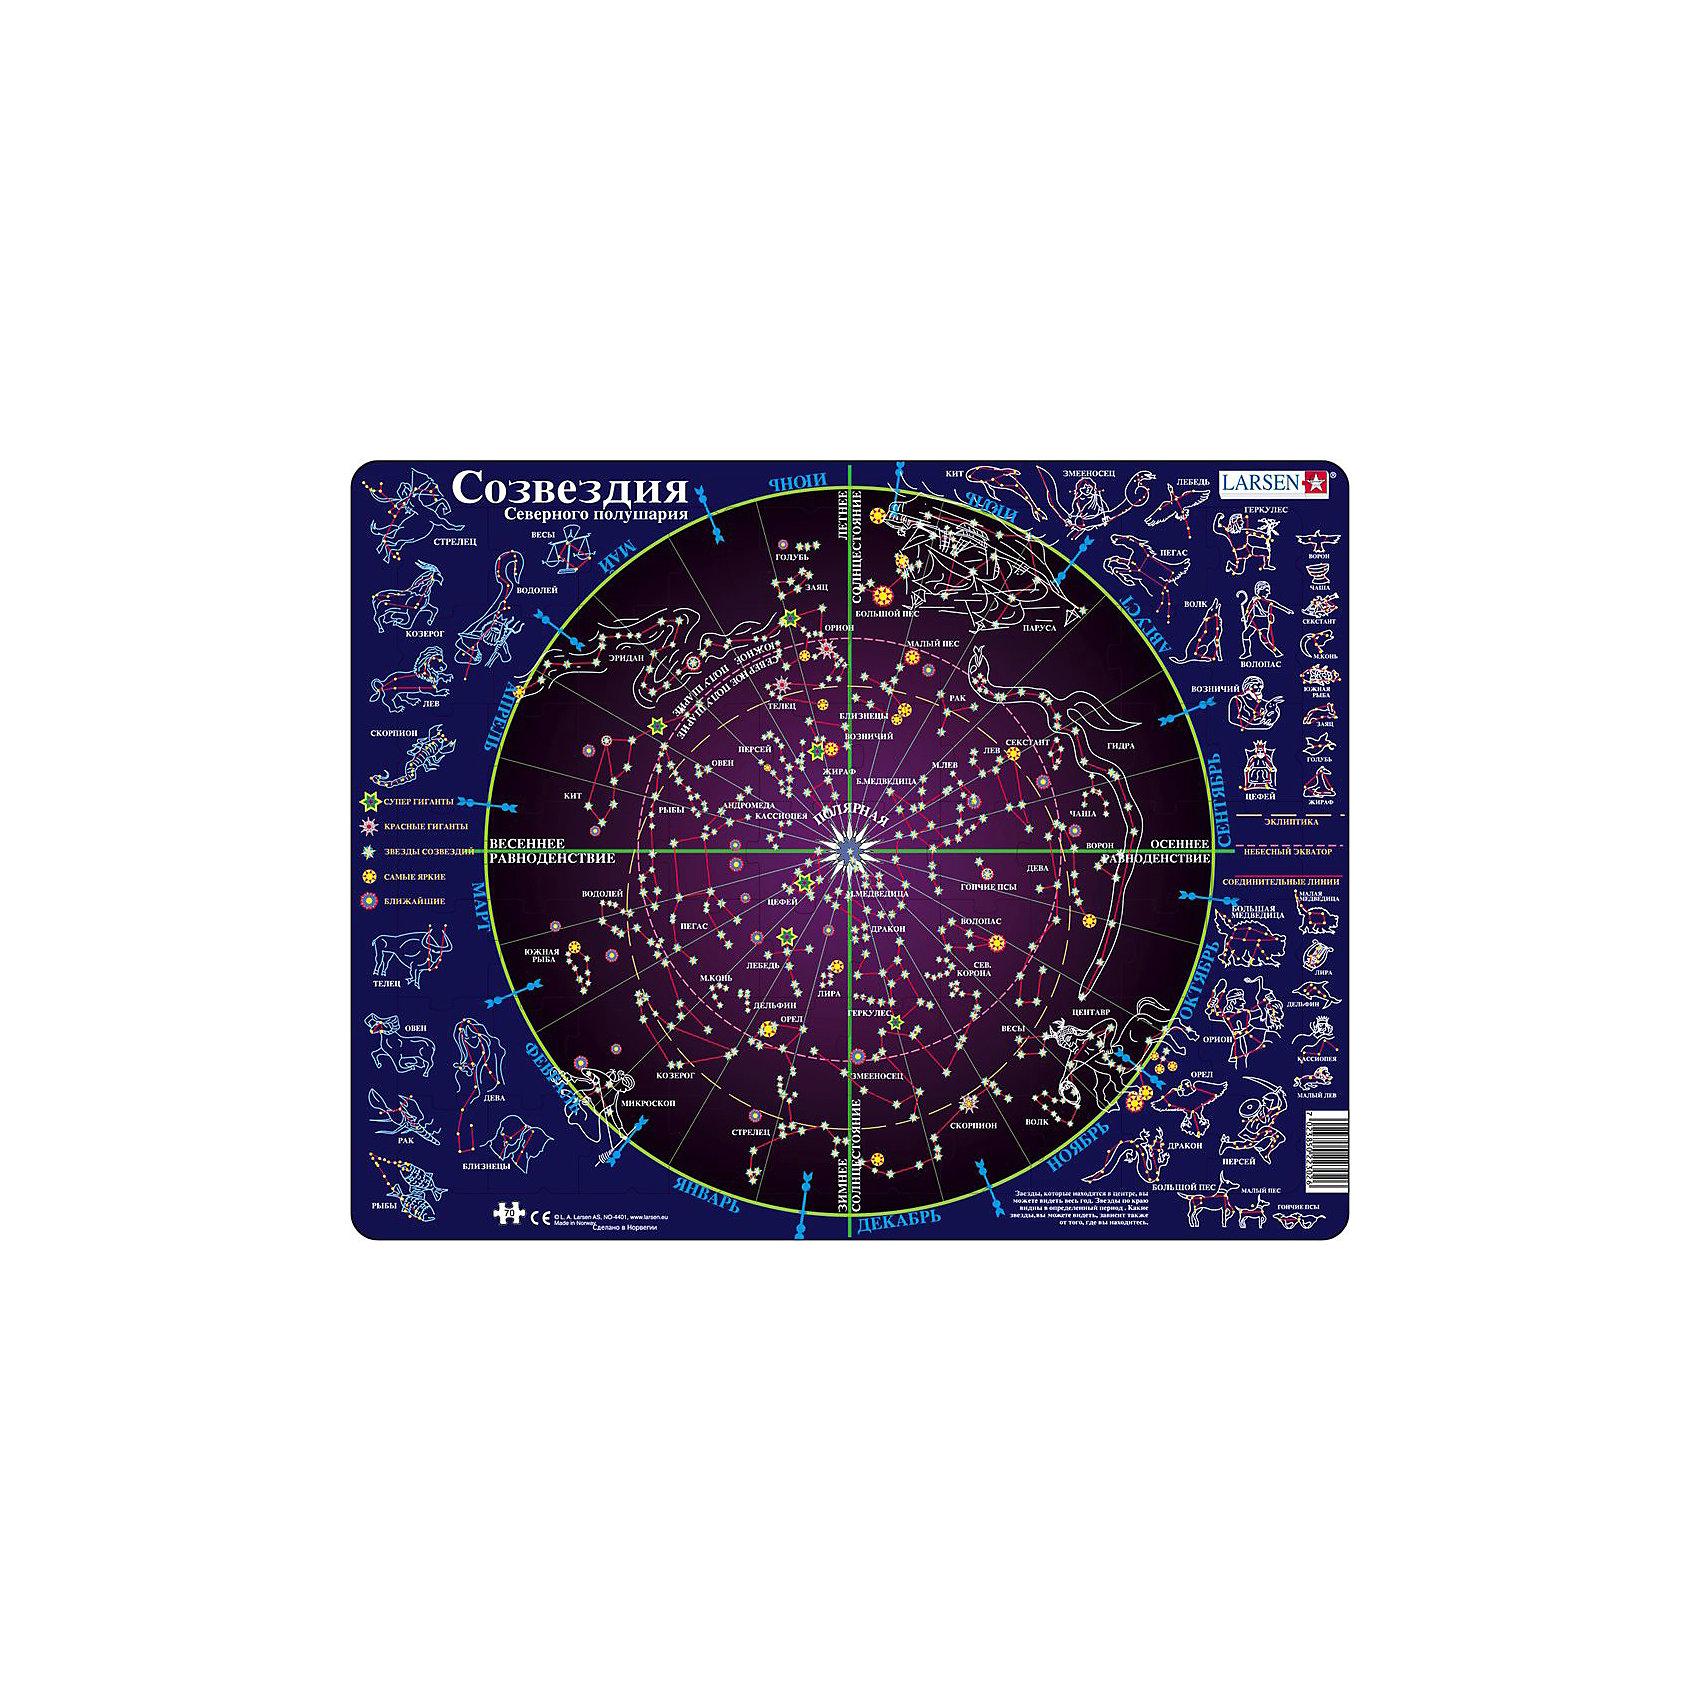 Пазл Созвездия,  Larsen, 70 деталейПазл Созвездия,  Larsen, 70 деталей в занимательной форме познакомит Вашего ребенка с основами астрономии. Пазл ярко и достоверно иллюстрирует часть звездного неба, видимого из Северного полушария Земли. В центре находится самая яркая Полярная звезда. На карте звездного неба звезды изображены условными обозначениями по следующей классификации: супергиганты, красные гиганты, звезды созвездий, самые яркие, ближайшие. Определяют их по яркости, степени удаленности, величине. Все созвездия представлены в двух видах, соединенных между собой: в центре круга - их положение на карте звездного неба, за пределами круга – их зодиакальное представление. Звезды, расположенные в центре круга, можно наблюдать на небе круглый год. Звезды, расположенные ближе к окраине круга можно видеть только в определенные месяцы года. За пределами круга указаны месяцы года, в течение которых созвездия будут видны на небе. В процессе сборки пазла, ребенок познакомится с такими понятиями как «эклиптика», «небесный экватор», «весеннее равноденствие», «осеннее равноденствие», «зимнее и летнее солнцестояние». Изготовлен пазл из плотного трехслойного картона, имеет специальную подложку и рамку, которые облегчают процесс сборки. Принцип сборки пазла заключается в использовании принципа совместимости изображений и контуров пазла. Если малыш не сможет совместить детали пазла по рисунку, он сделает это по контуру пазла, вставив его в подложку как вкладыш. Высокое качество материала и печати не допускают износа, расслаивания, деформации деталей и стирания рисунка. Многообразие форм и разные размеры деталей пазла развивают мелкую моторику пальцев. Занятия по сборке пазла развивают образное и логическое мышление, пространственное воображение, память, внимание, усидчивость, координацию движений.<br><br>Дополнительная информация:<br><br>- Количество элементов: 70 деталей<br>- Материал: плотный трехслойный картон<br>- Размер пазла: 36,5 x 28,5 см.<br><br>Пазл Созвездия,  Larsen